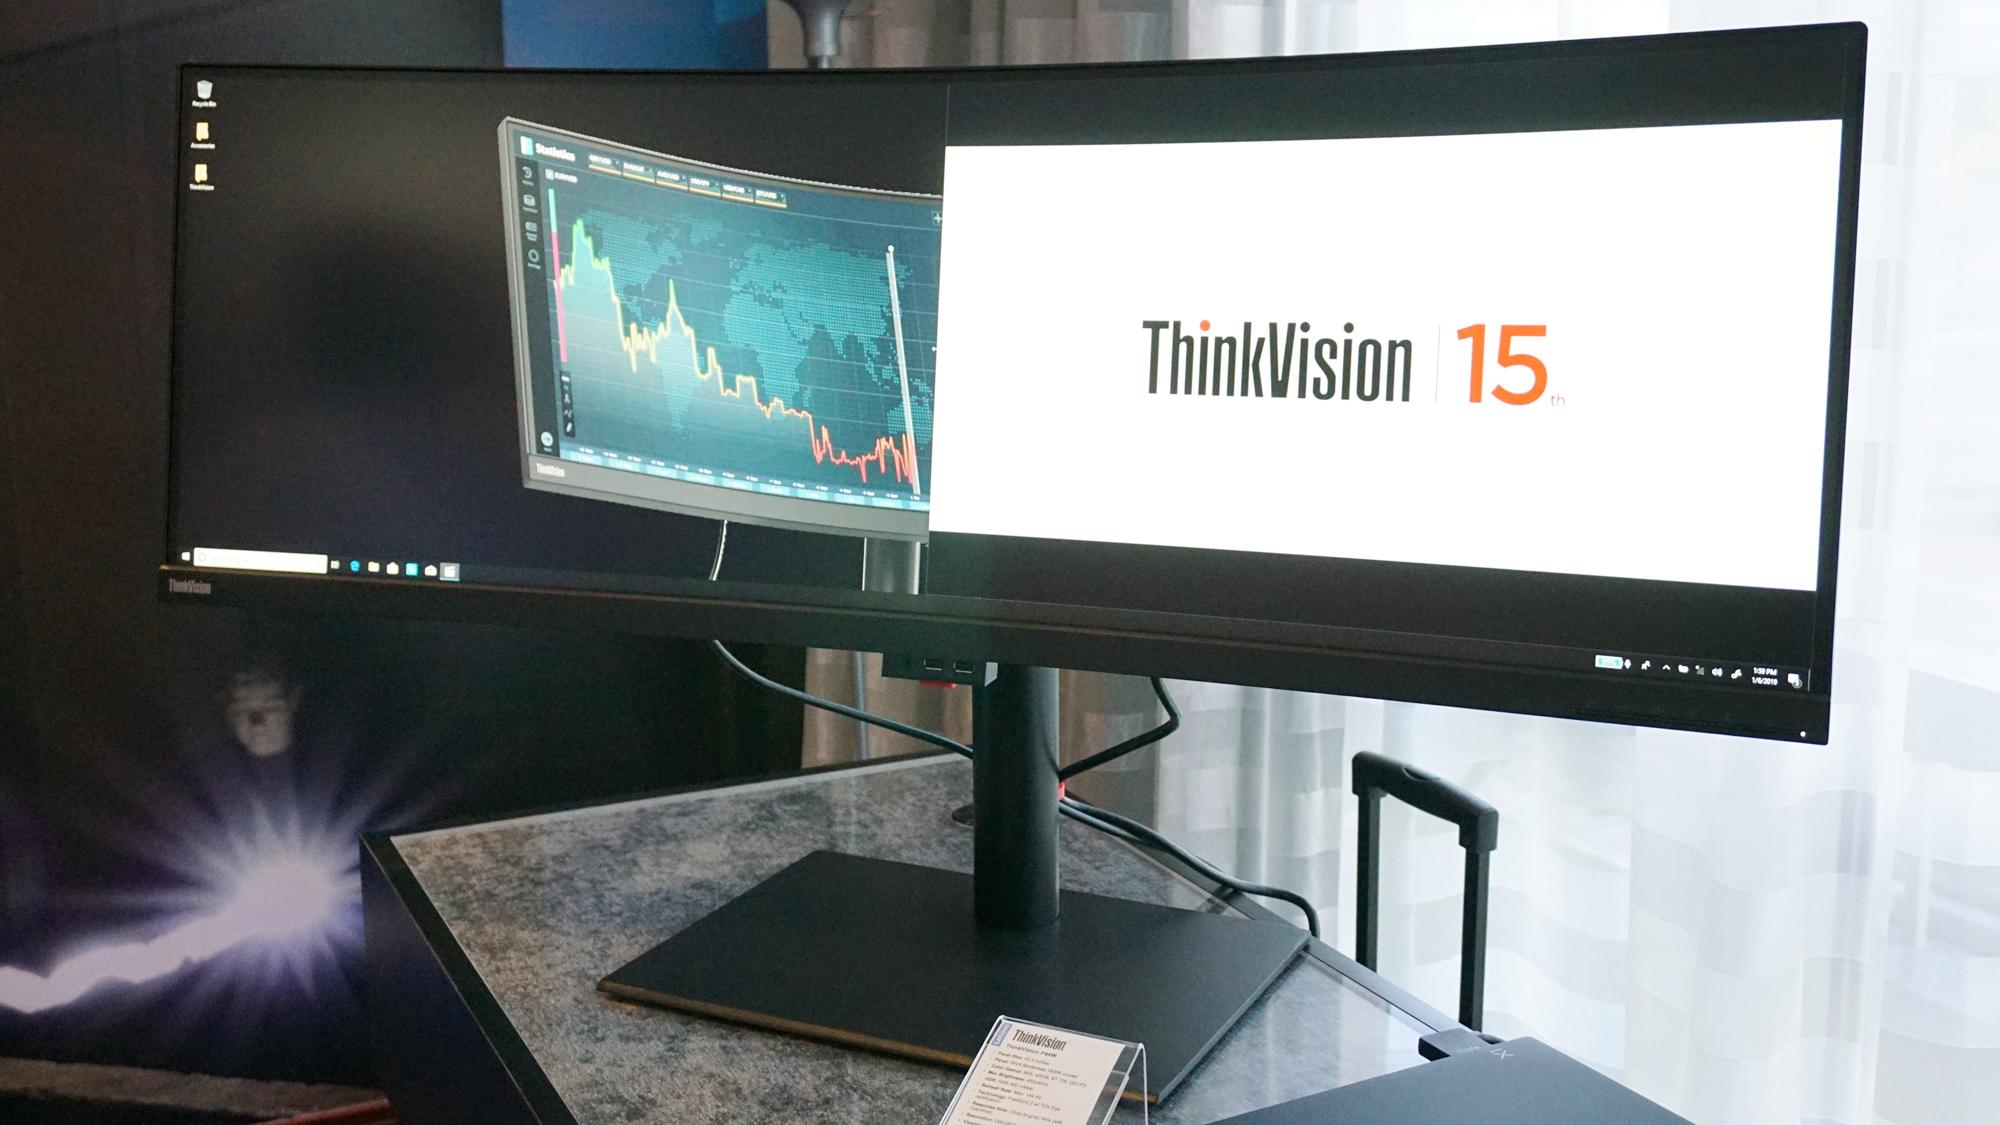 Lenovo stellt zwei 43-Zoll-Ultrawide-Monitore vor: einen für den Spieler, einen für das Büro